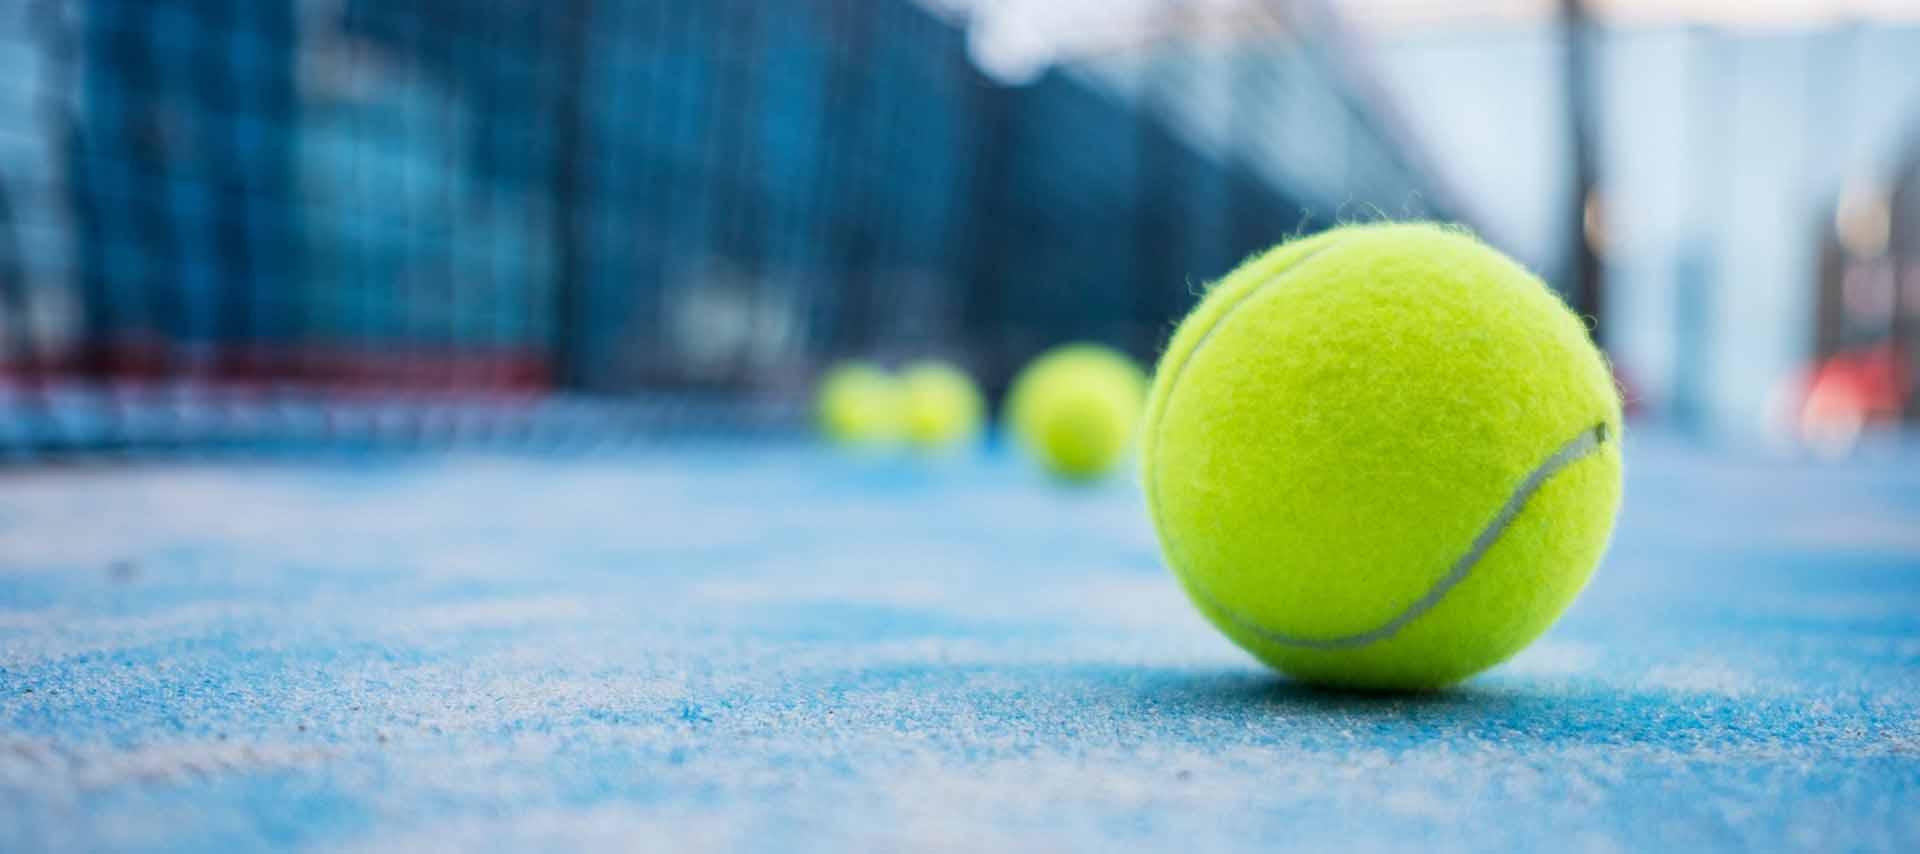 ATP 2021 BNP Paribas Open